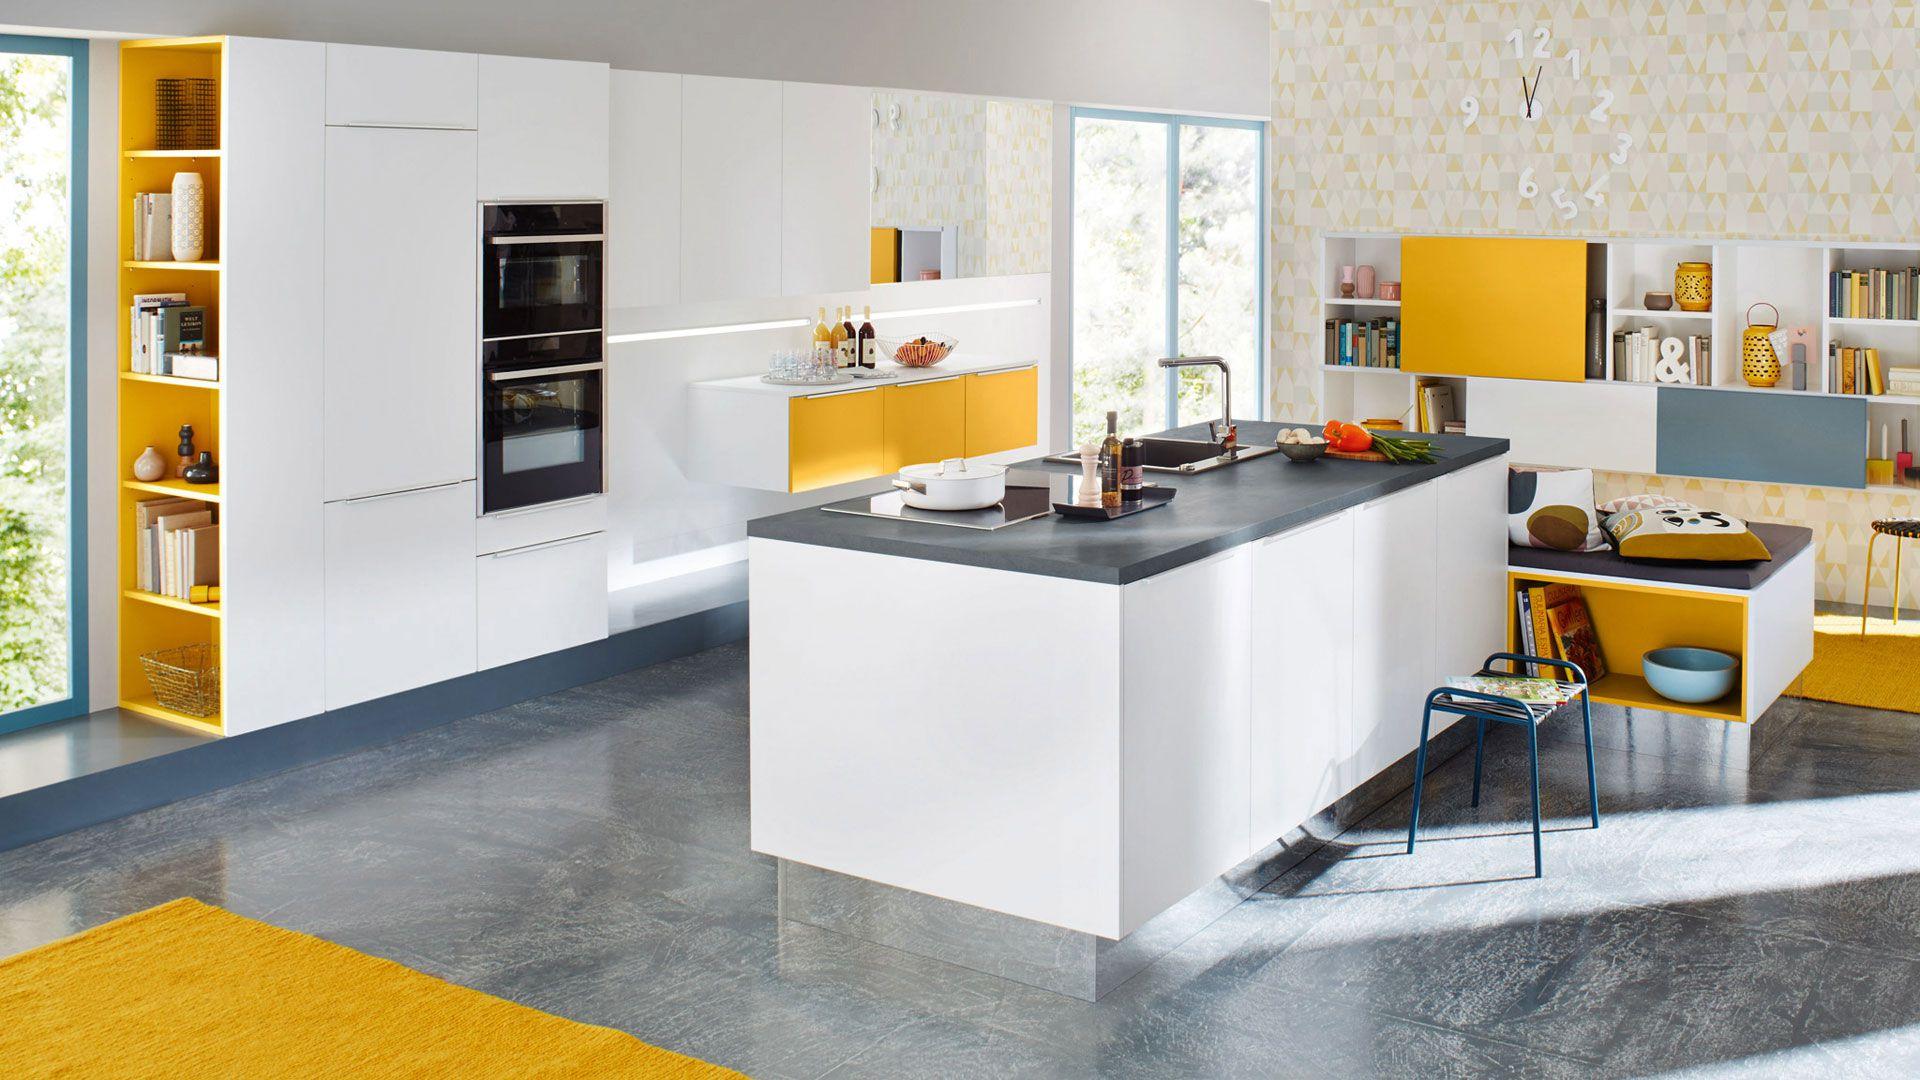 Kompetenz & Qualität - Ihr Küchenfachhändler aus Lörrach ...